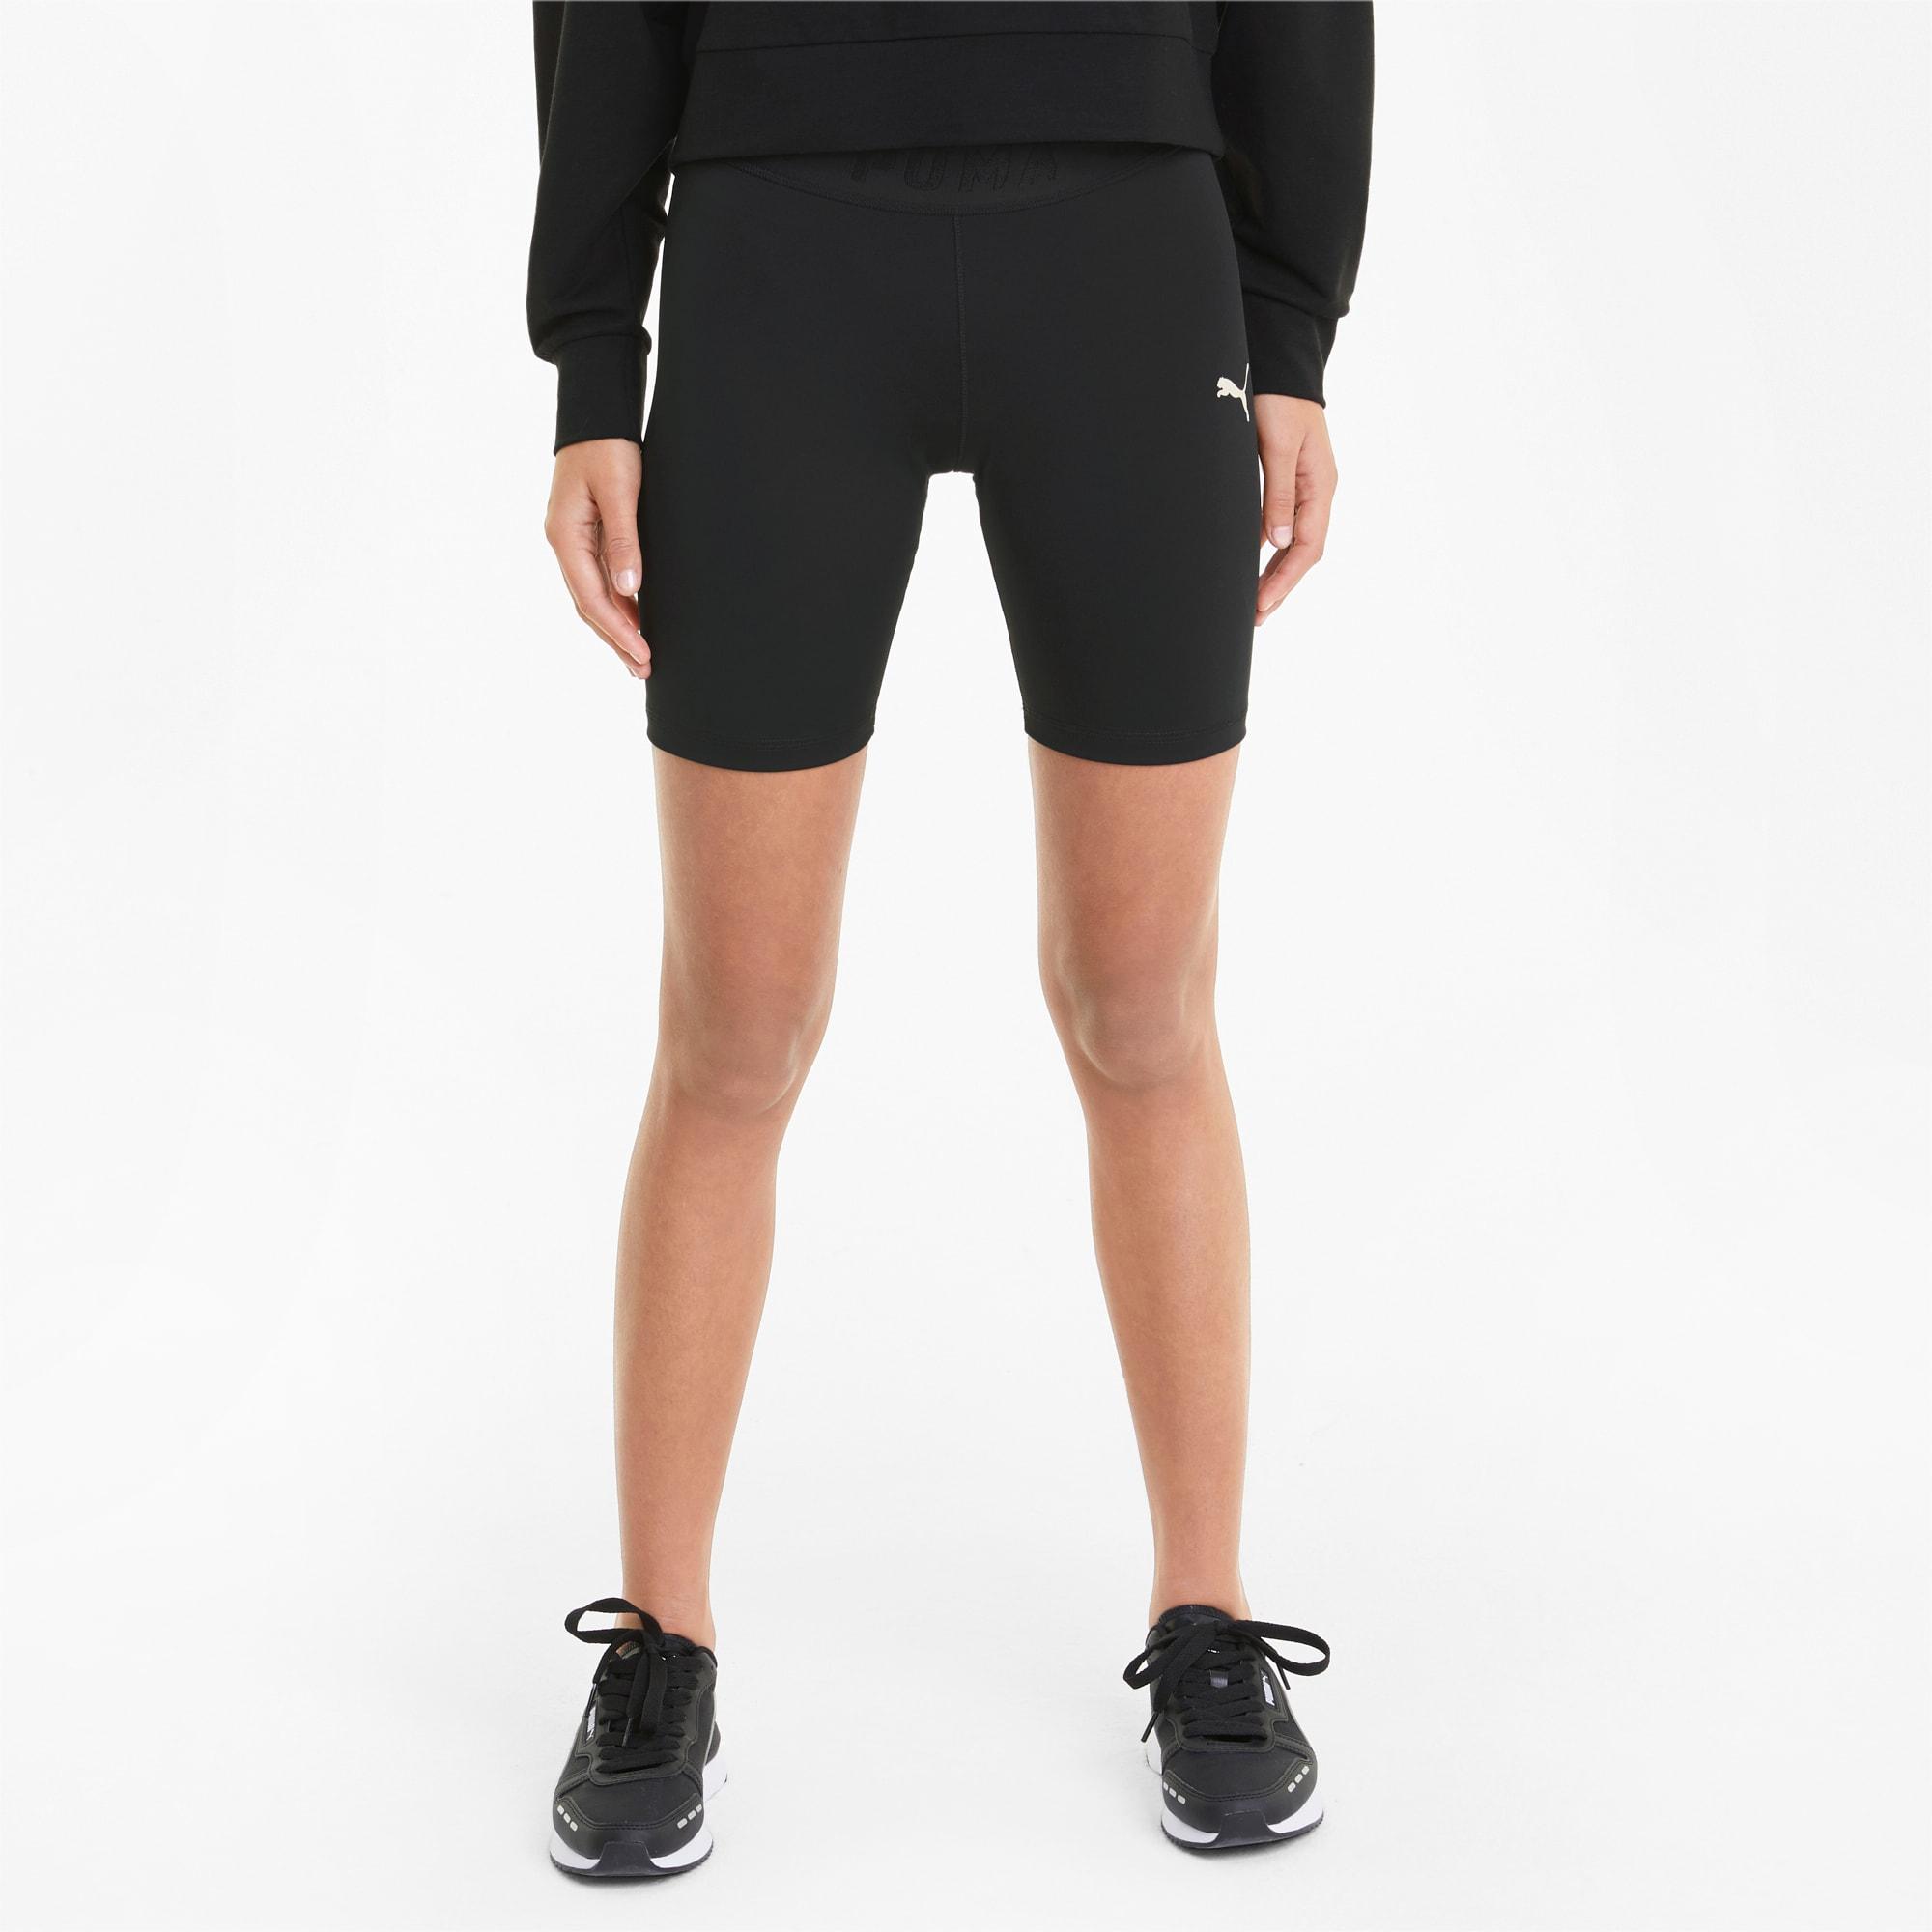 puma -  Modern Sports Damen Radlerhose   Mit Aucun   Schwarz   Größe: L